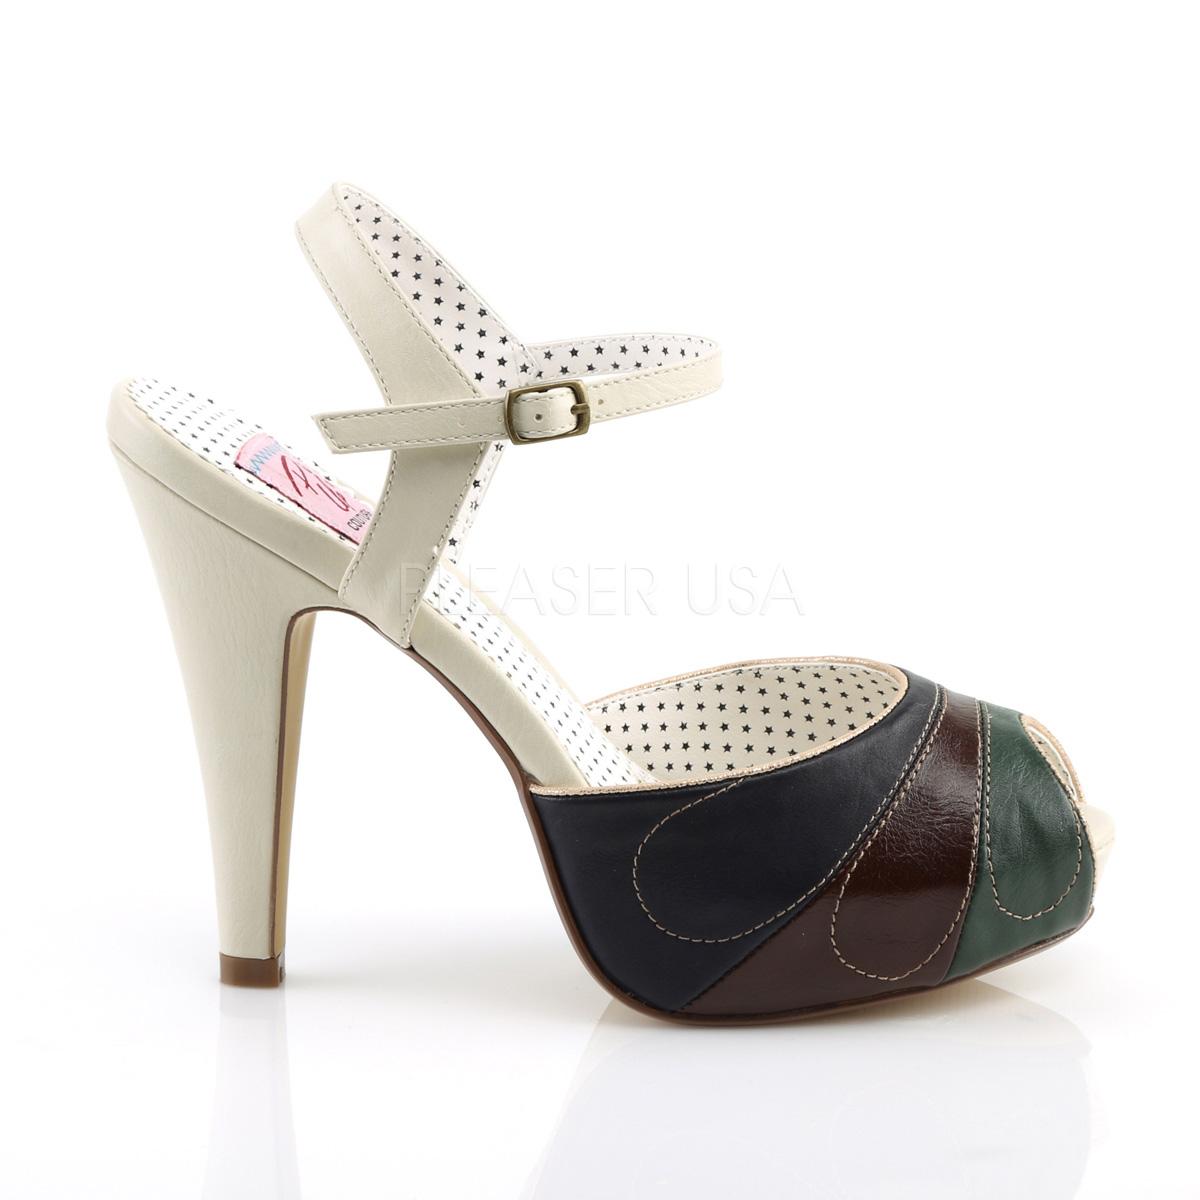 11 Pinup Platform Cm Bettie Sandals Multicolored With 5 27 Hidden iPkOXuTZ